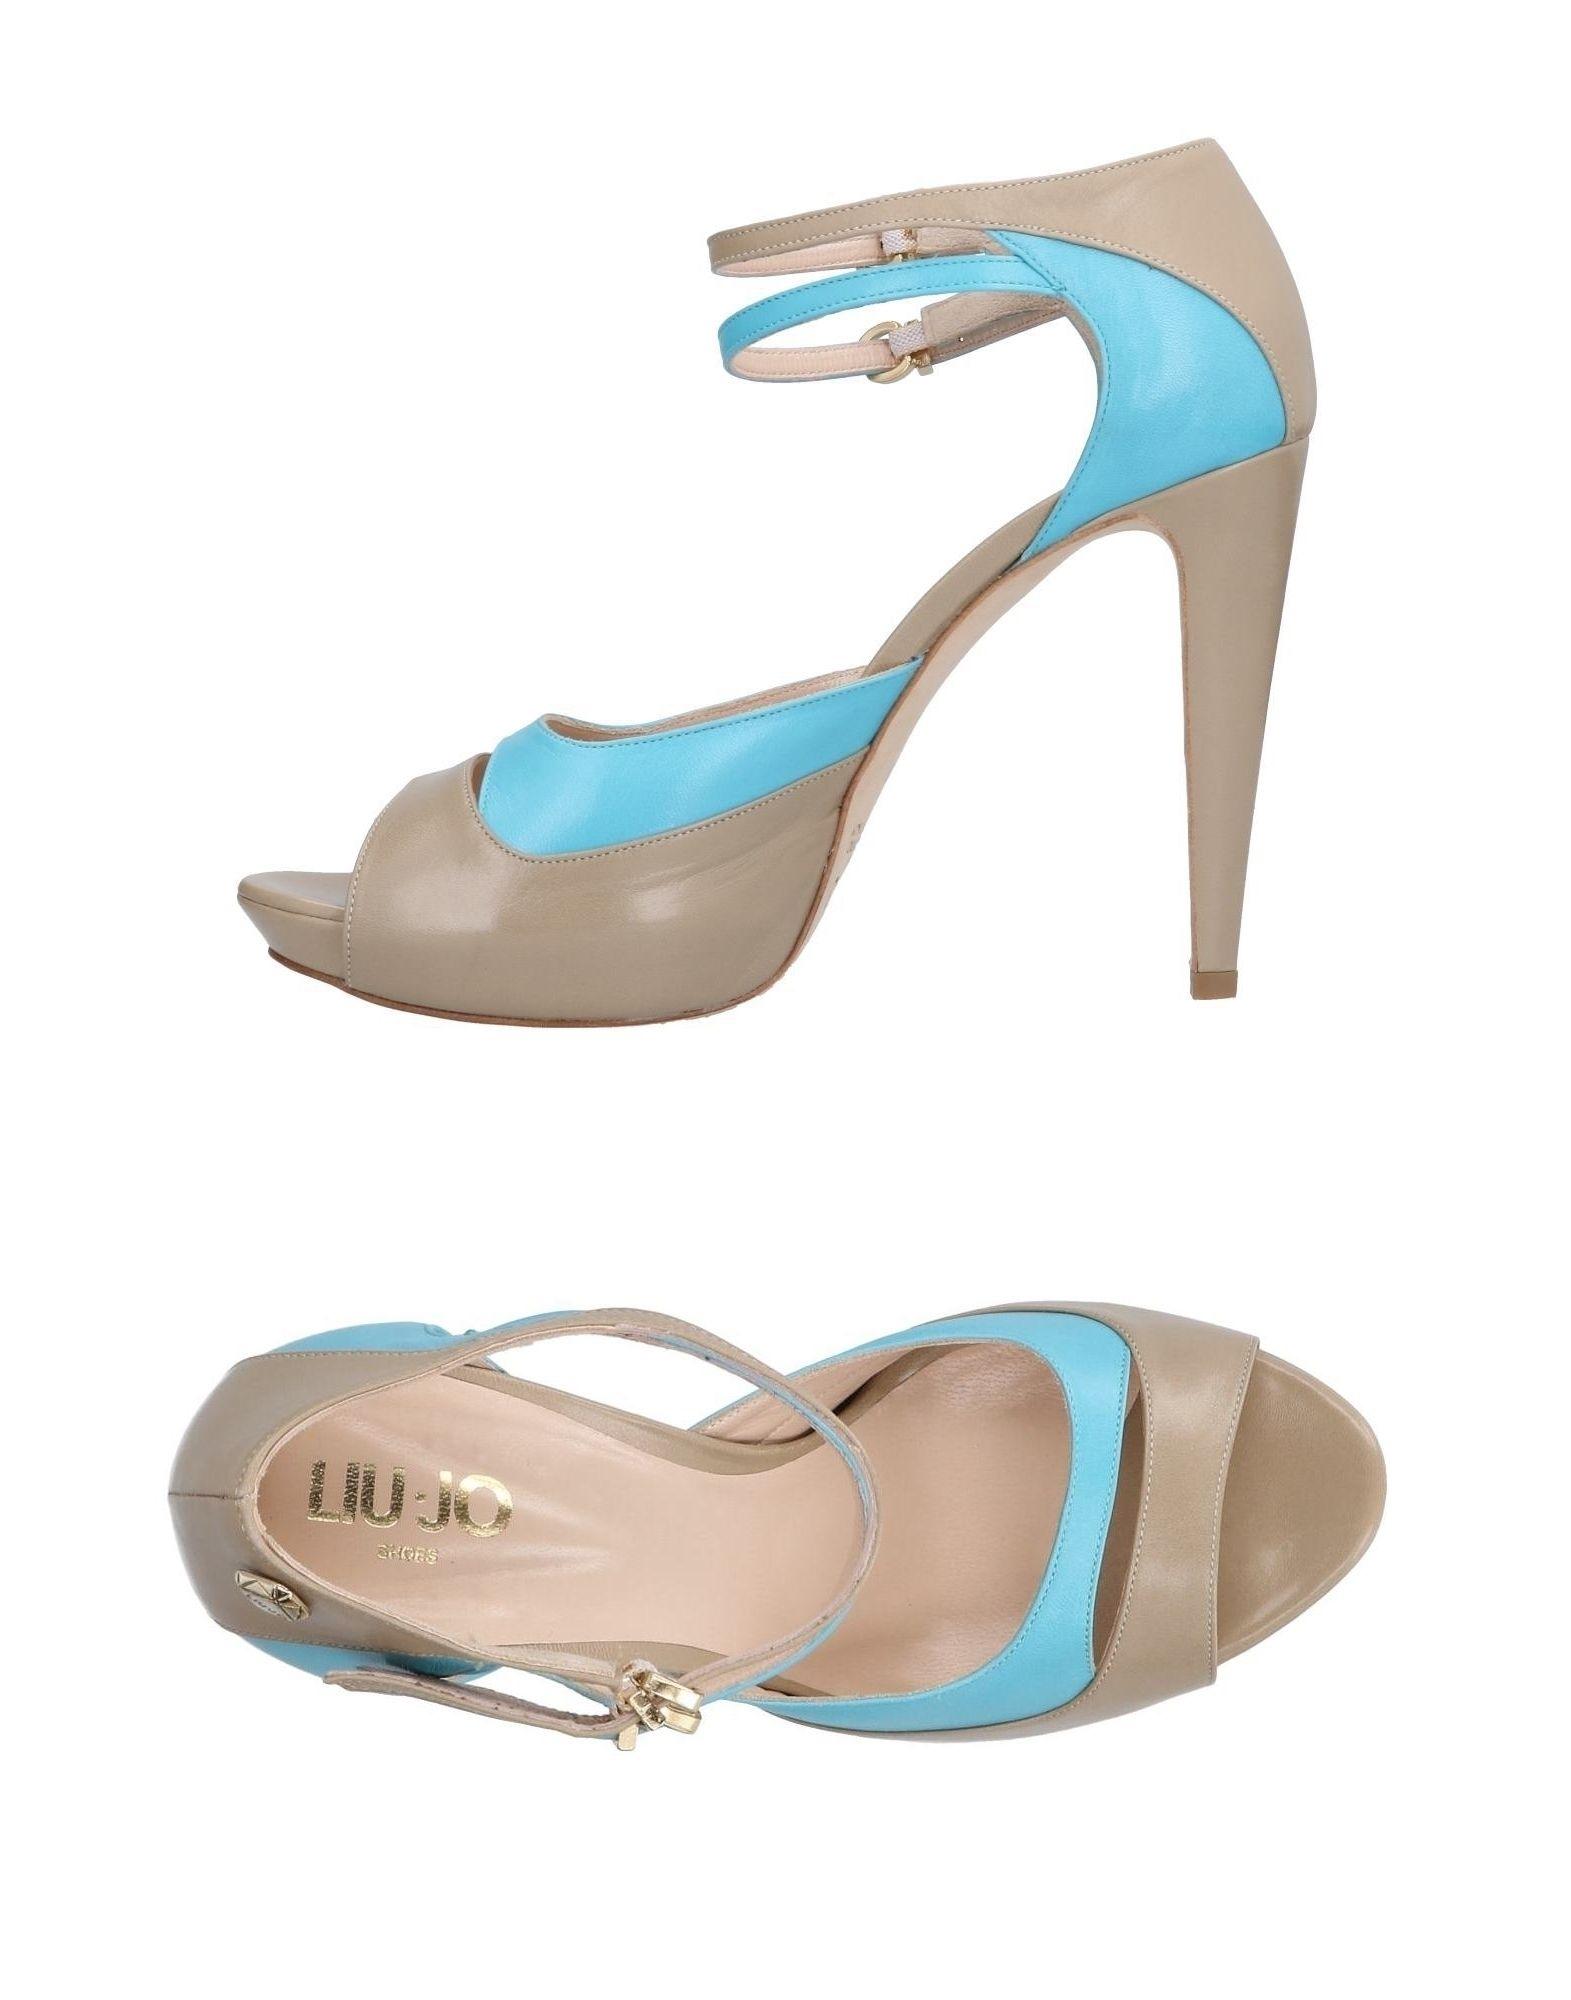 Liu •Jo Shoes Sandals Shoes - Women Liu •Jo Shoes Sandals Sandals online on  Australia - 11501021NI bea9c1